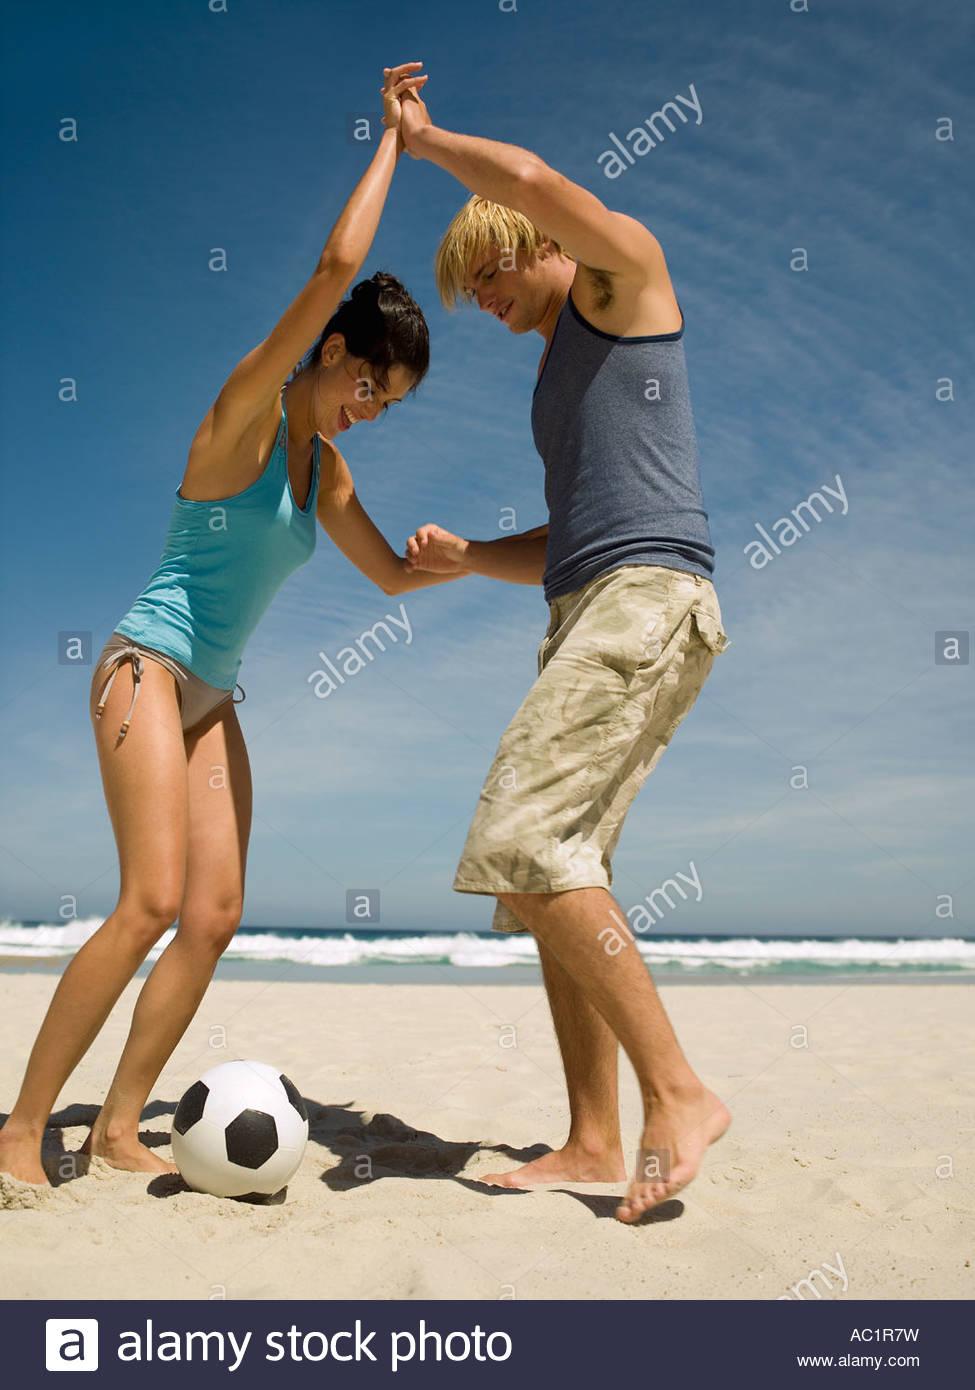 Pareja Jugando Al Futbol En La Playa Foto Imagen De Stock